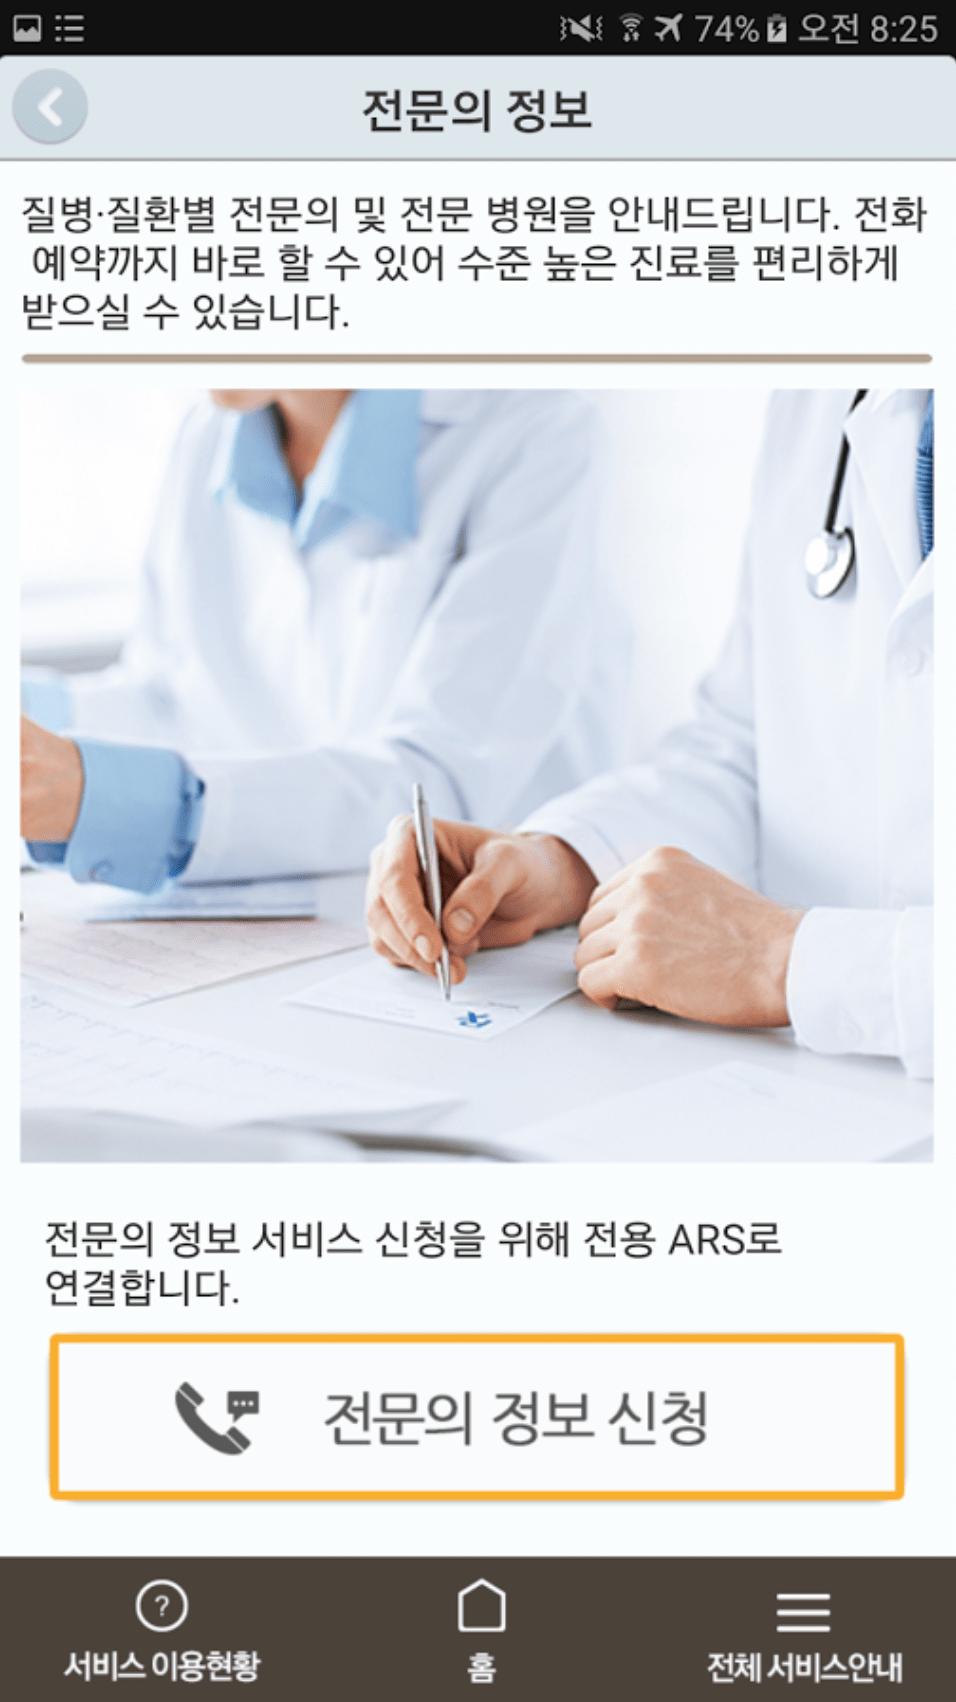 KB행복건강 전문의 상담